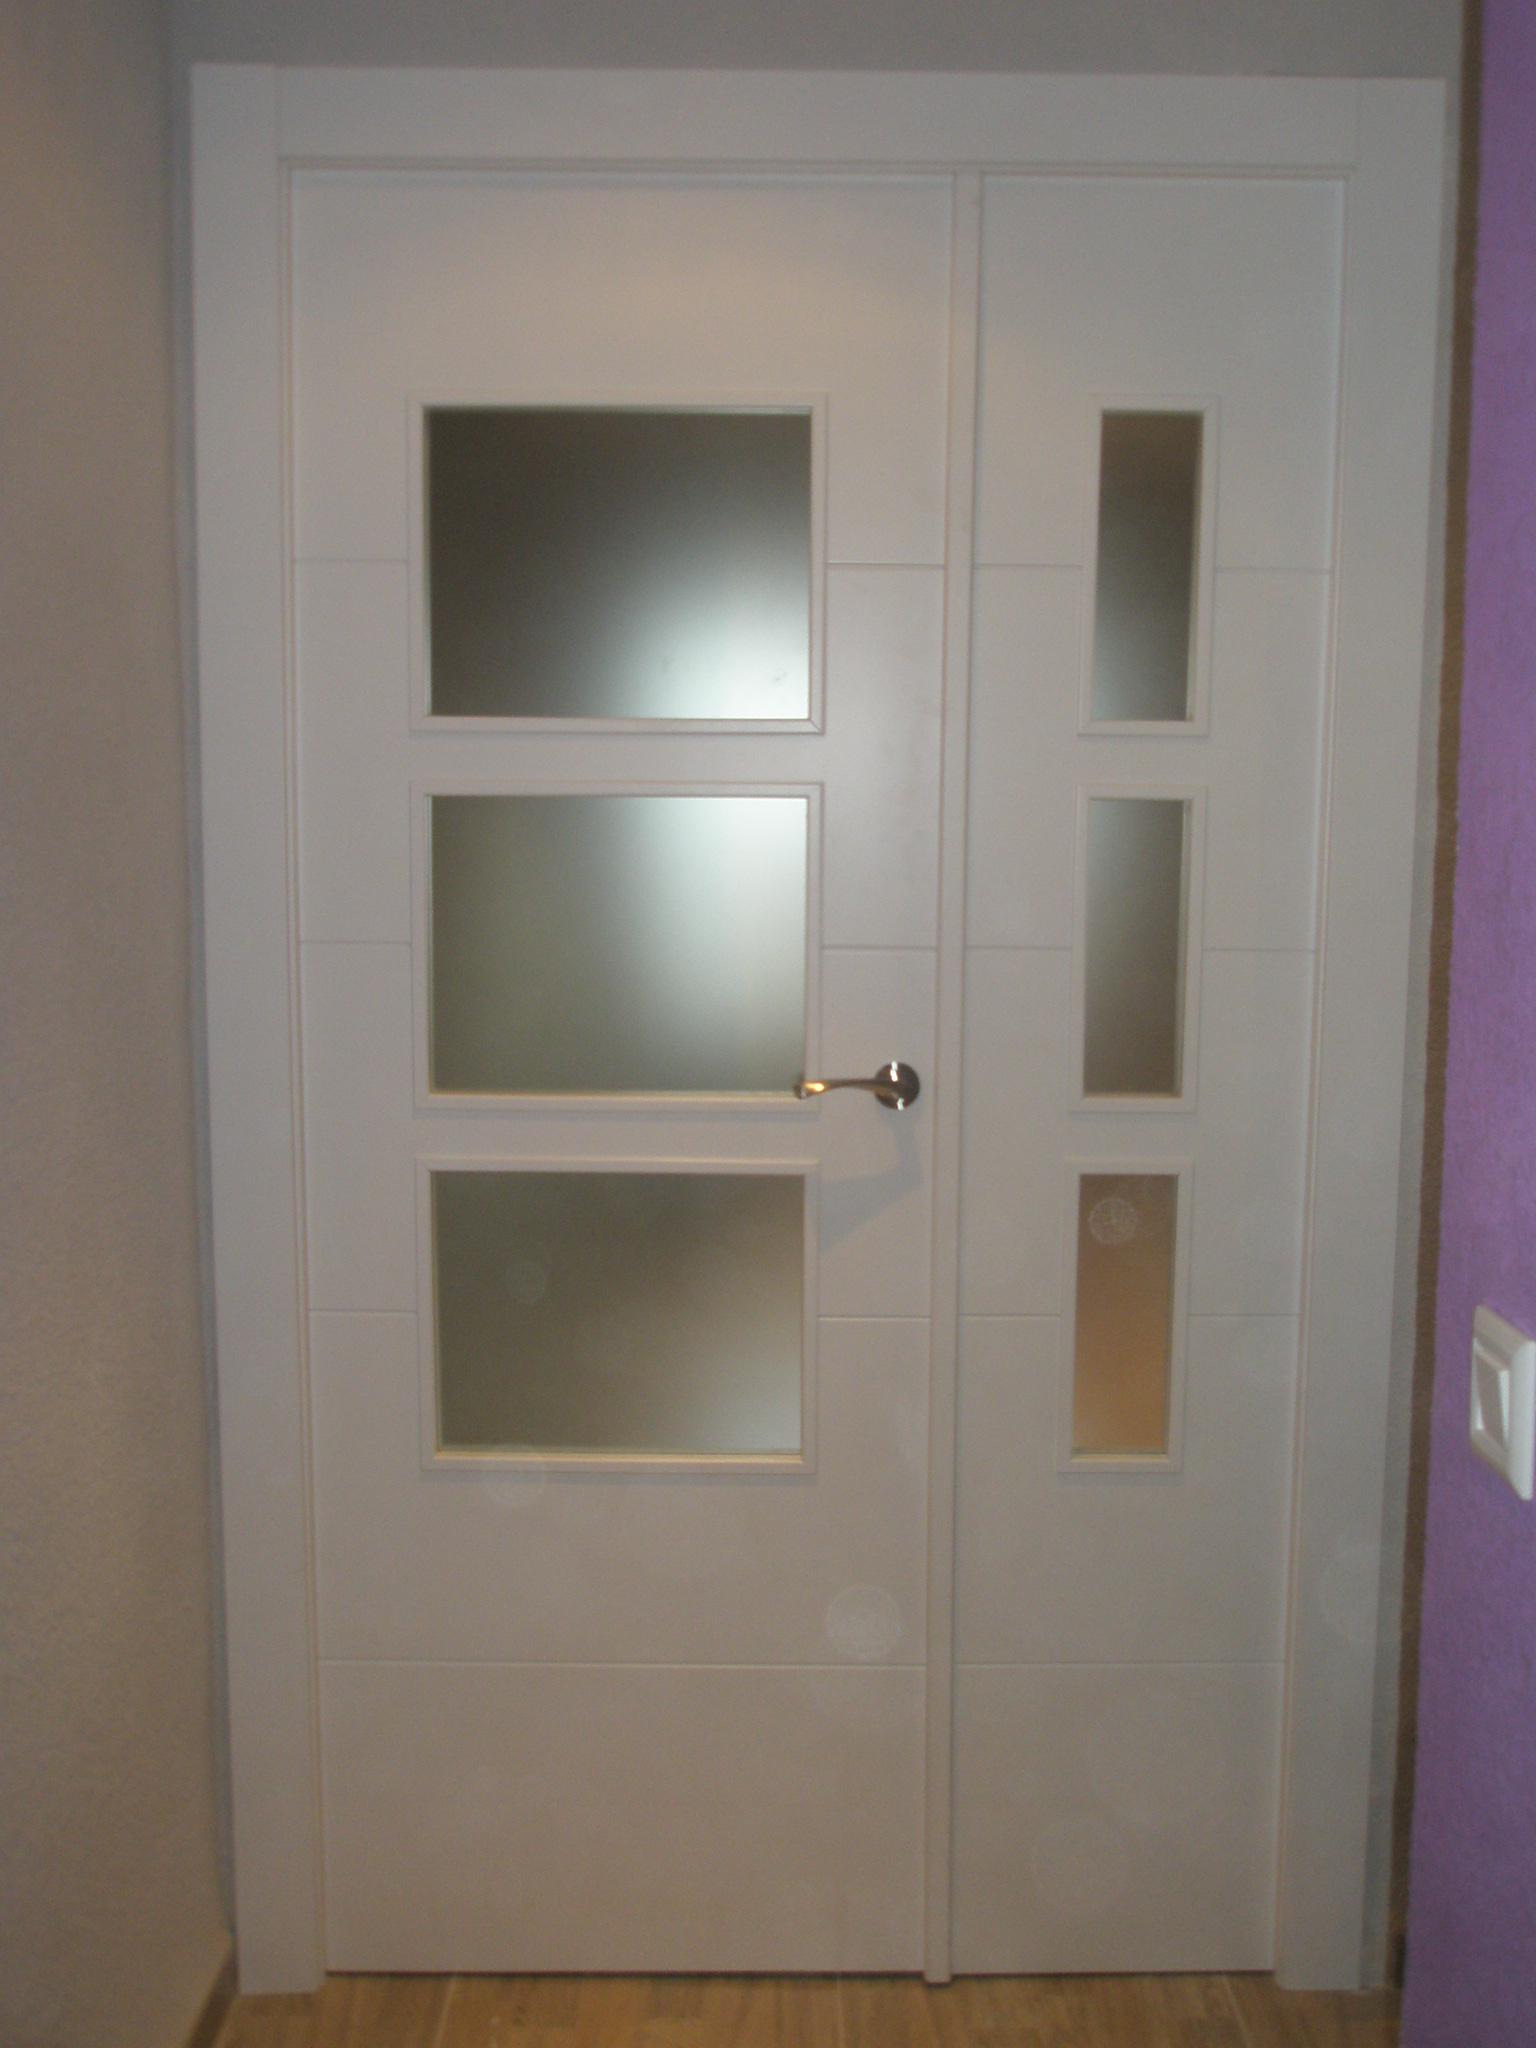 Puerta doble v3 8500 lacado en blanco puertas y ventanas - Lacar puertas en blanco presupuesto ...